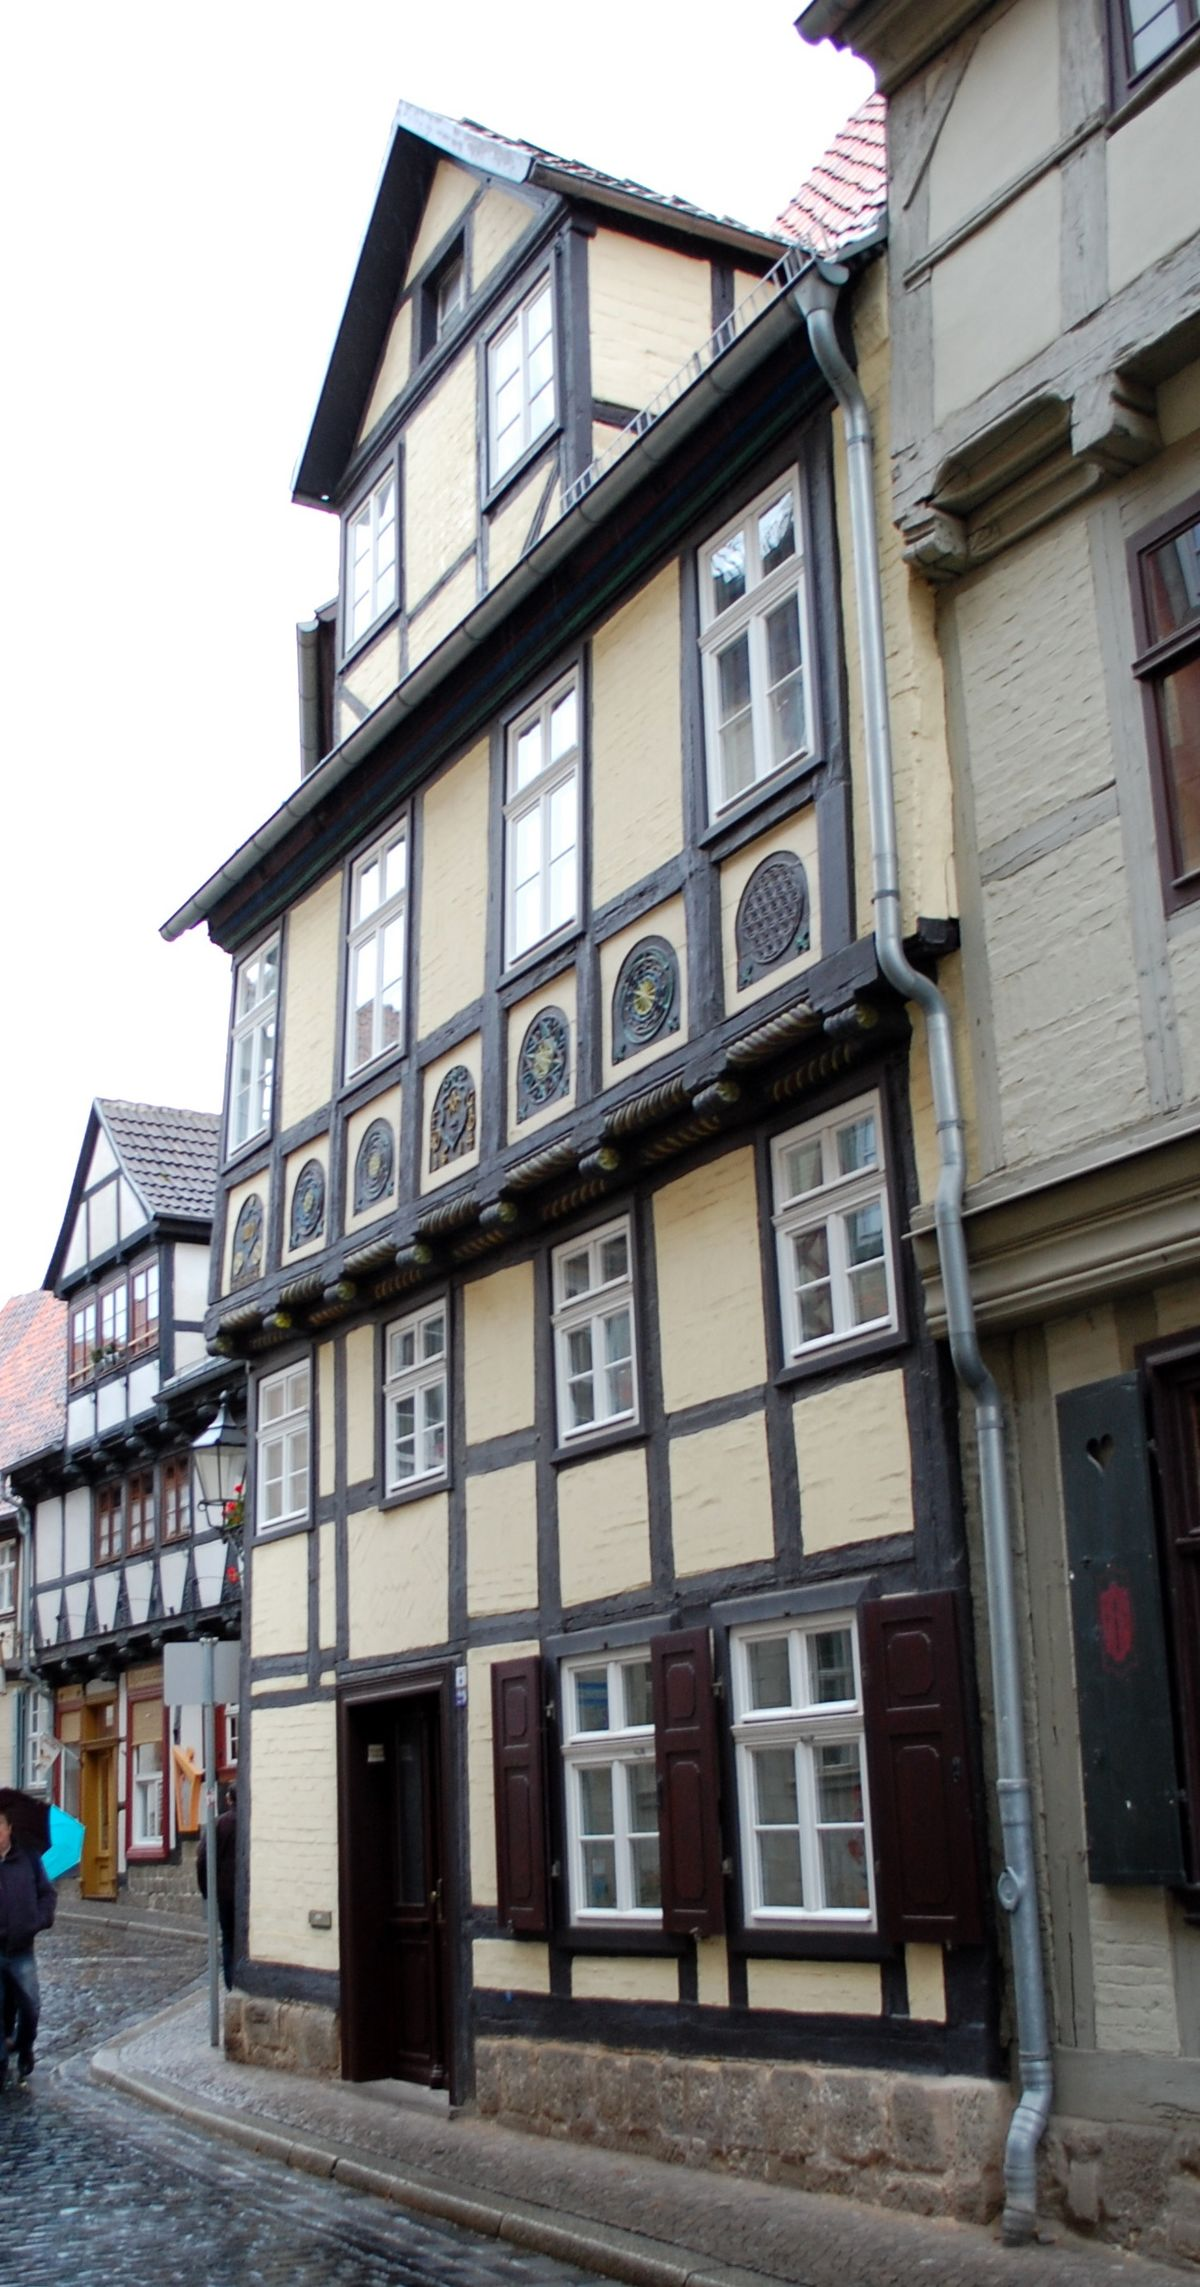 lange gasse 29 quedlinburg wikipedia. Black Bedroom Furniture Sets. Home Design Ideas